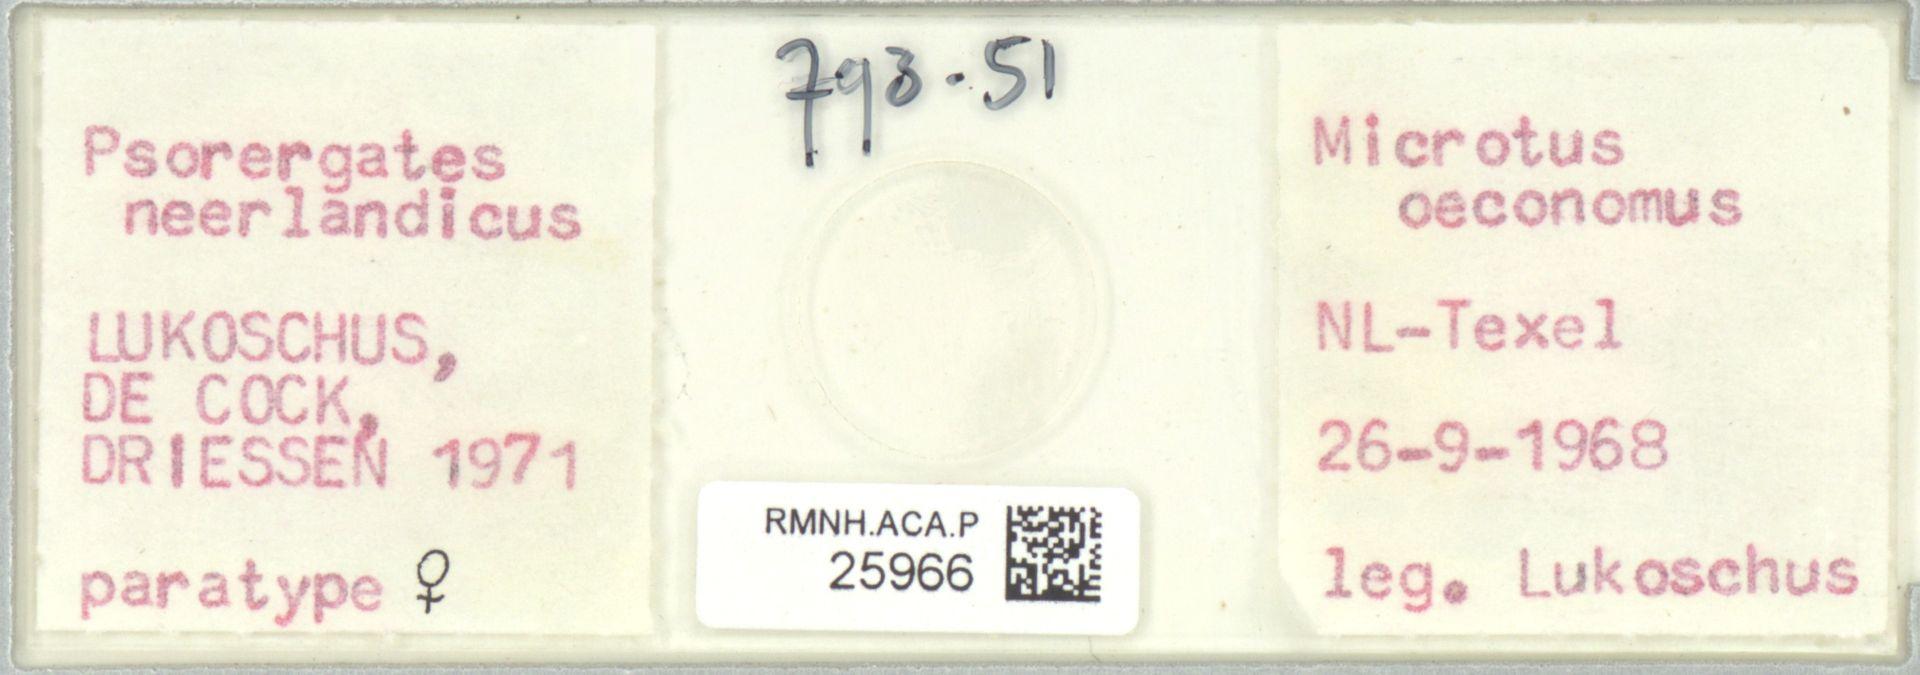 RMNH.ACA.P.25966 | Psorergates neerlandicus Lukoschus, de Cock, Driessen 1971